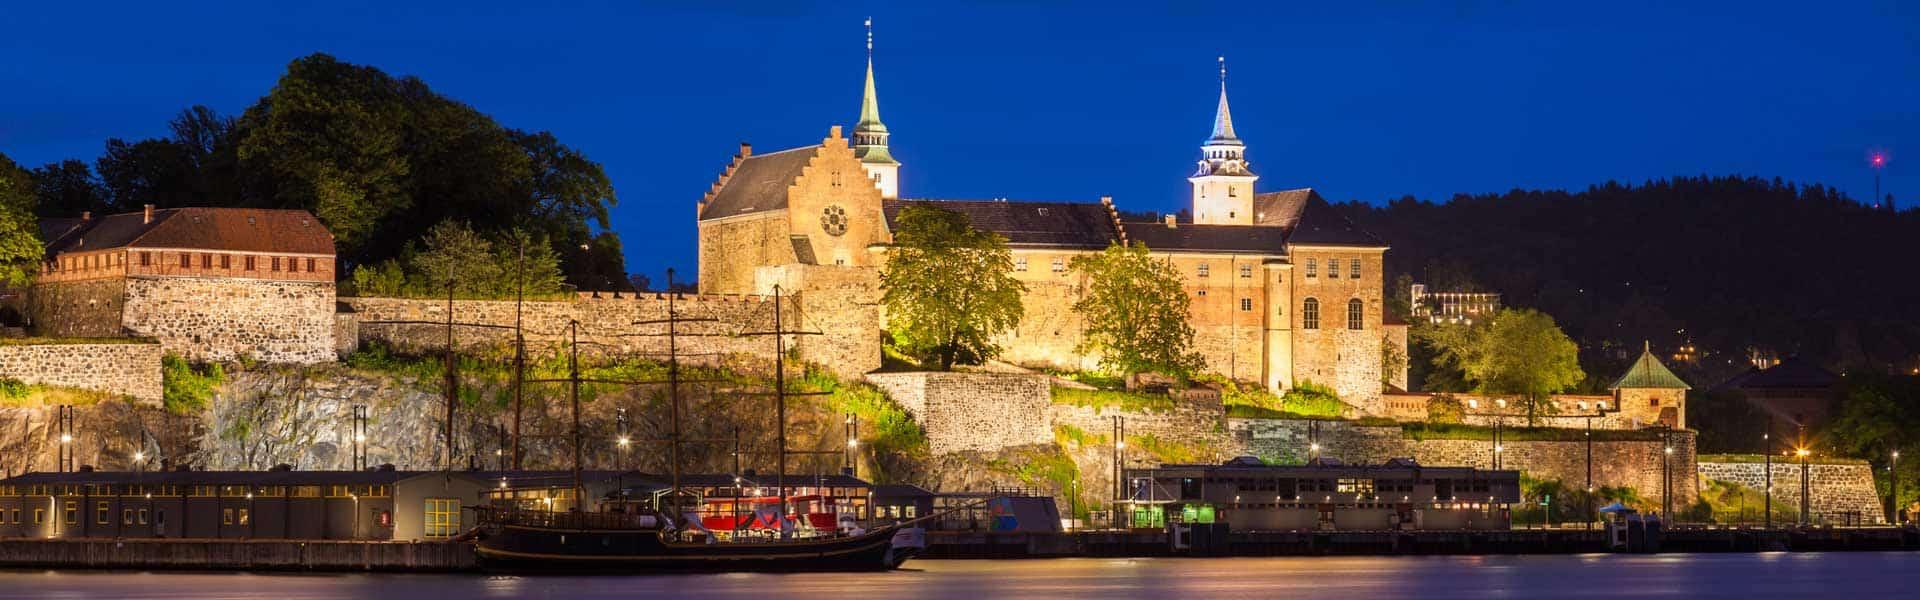 Make trips, not war: besuchen Sie die Festung Akershus im Norwegischen Oslo.